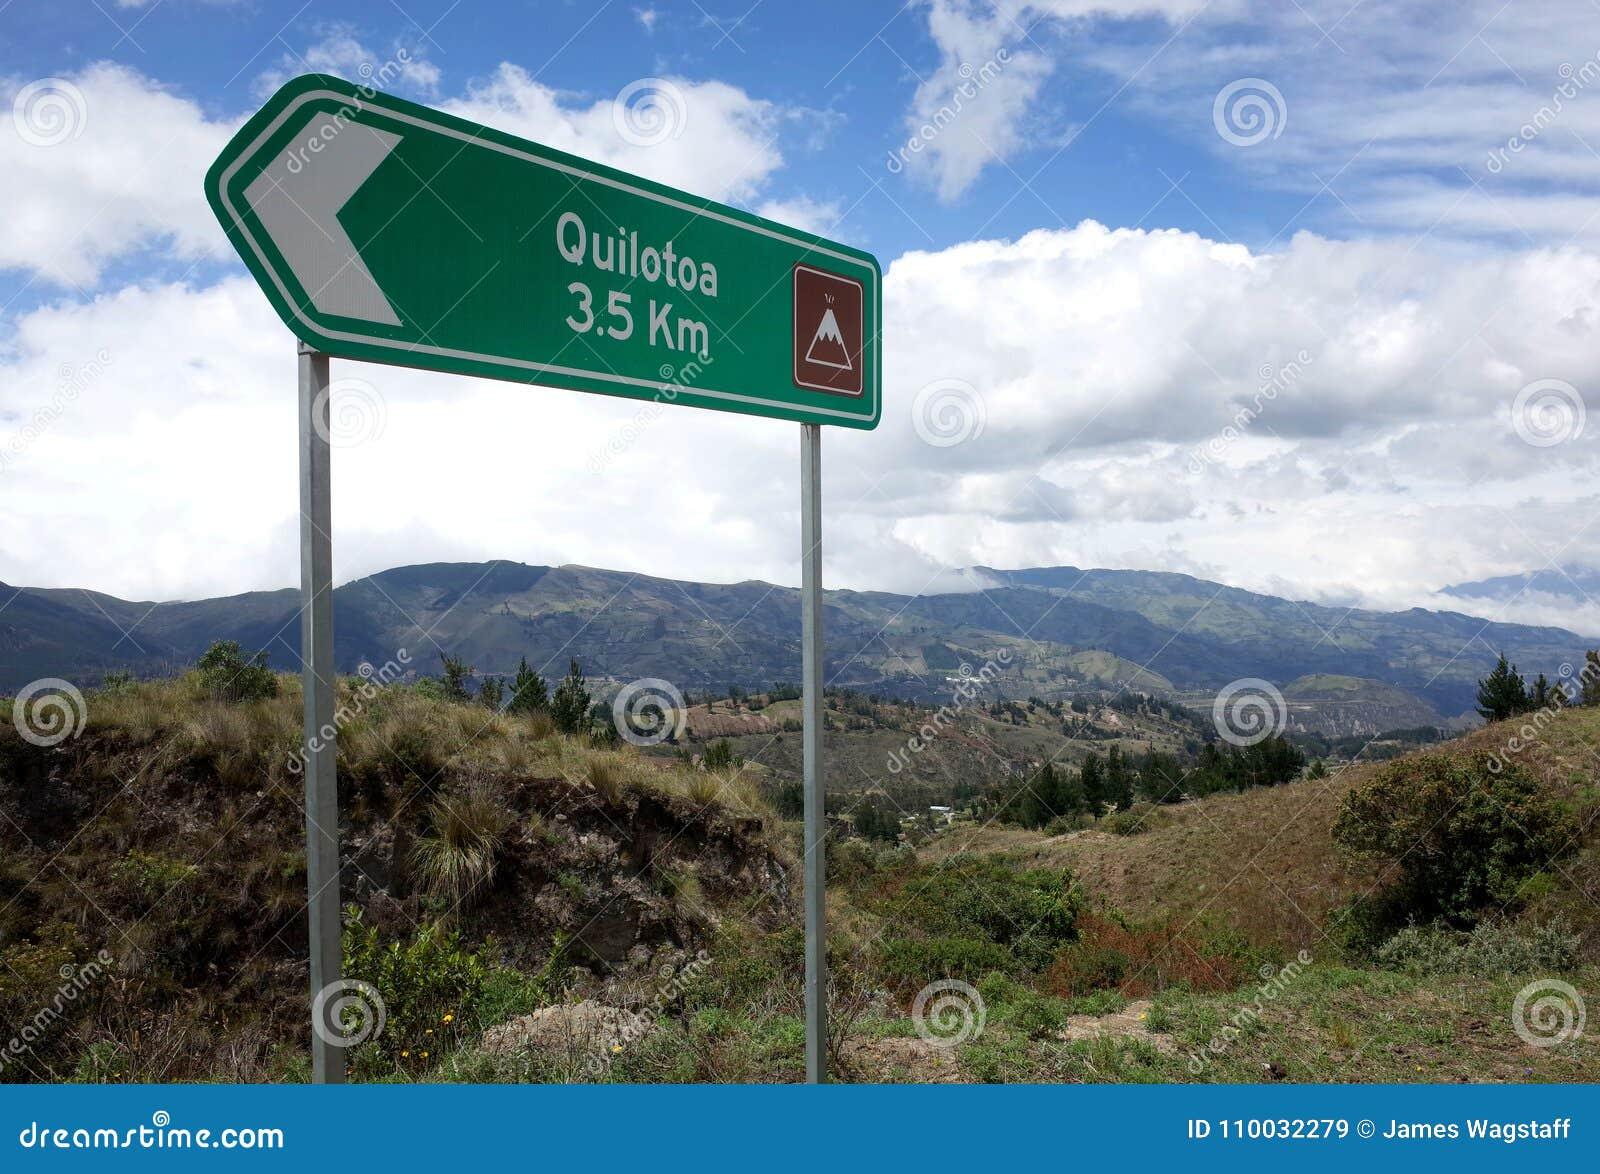 Een teken merkt de manier van de Quilotoa-Lijnstijging